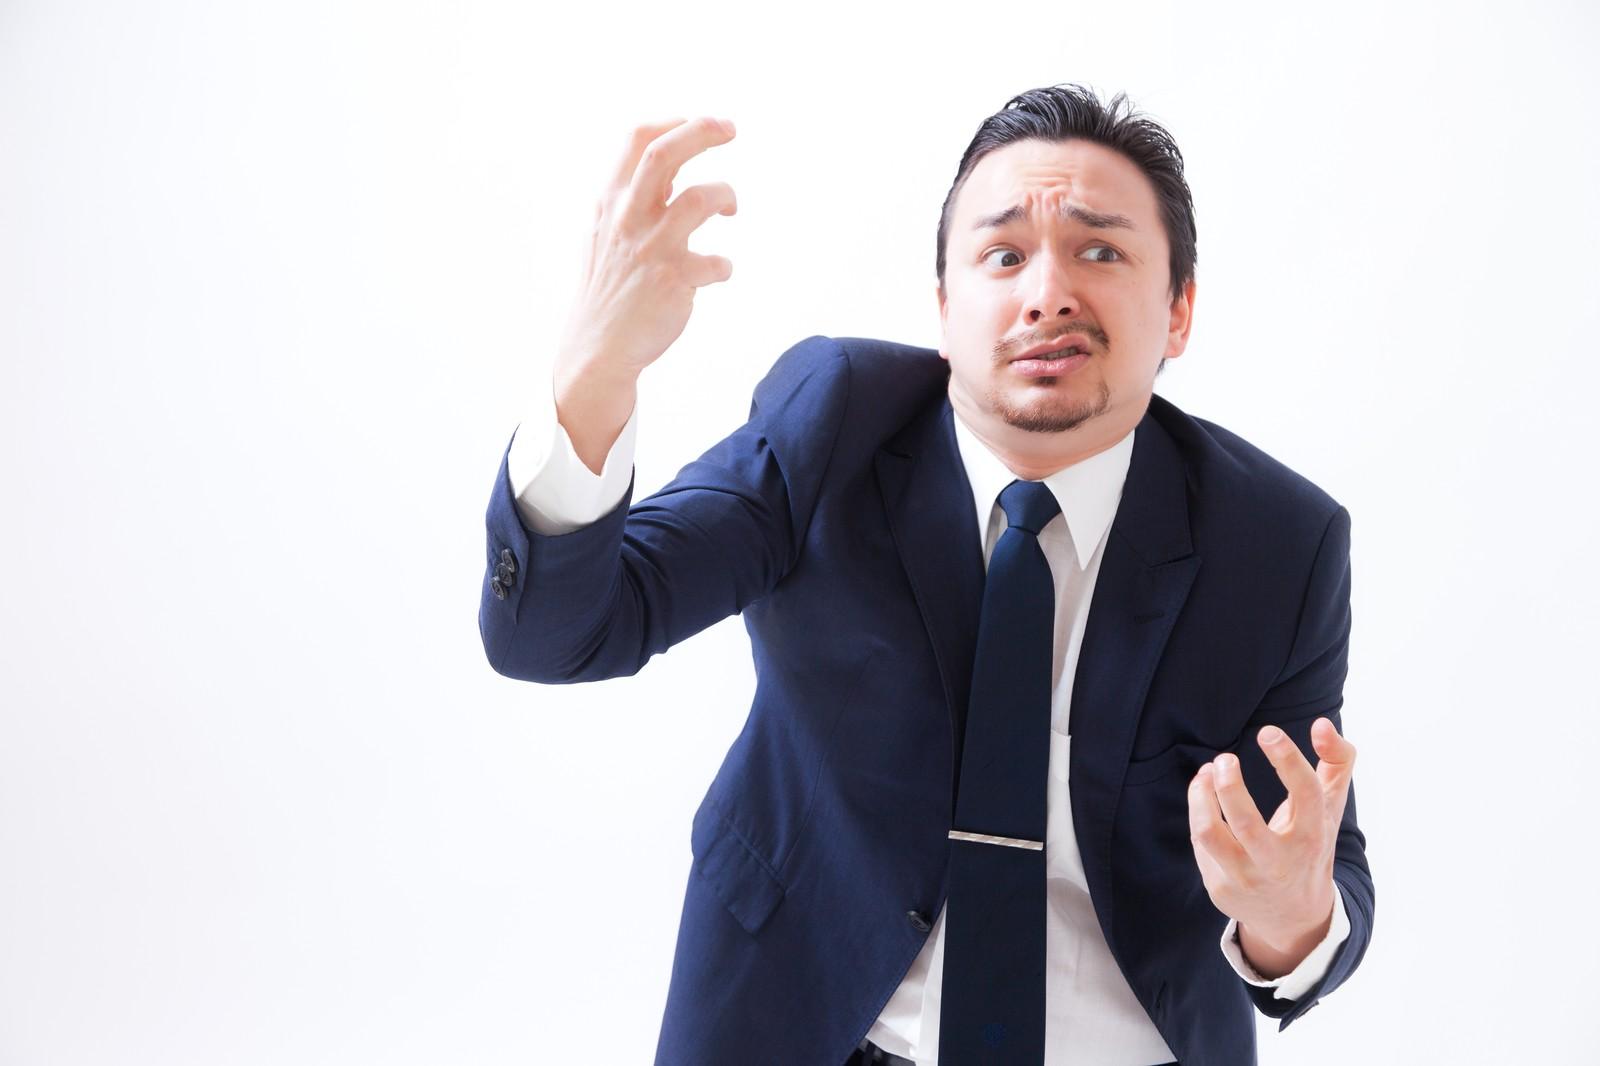 【カラオケ】男性曲をオク下で歌っちゃ駄目なのか?福山雅治や宇宙戦艦ヤマトですら原キーで歌えないのだが…